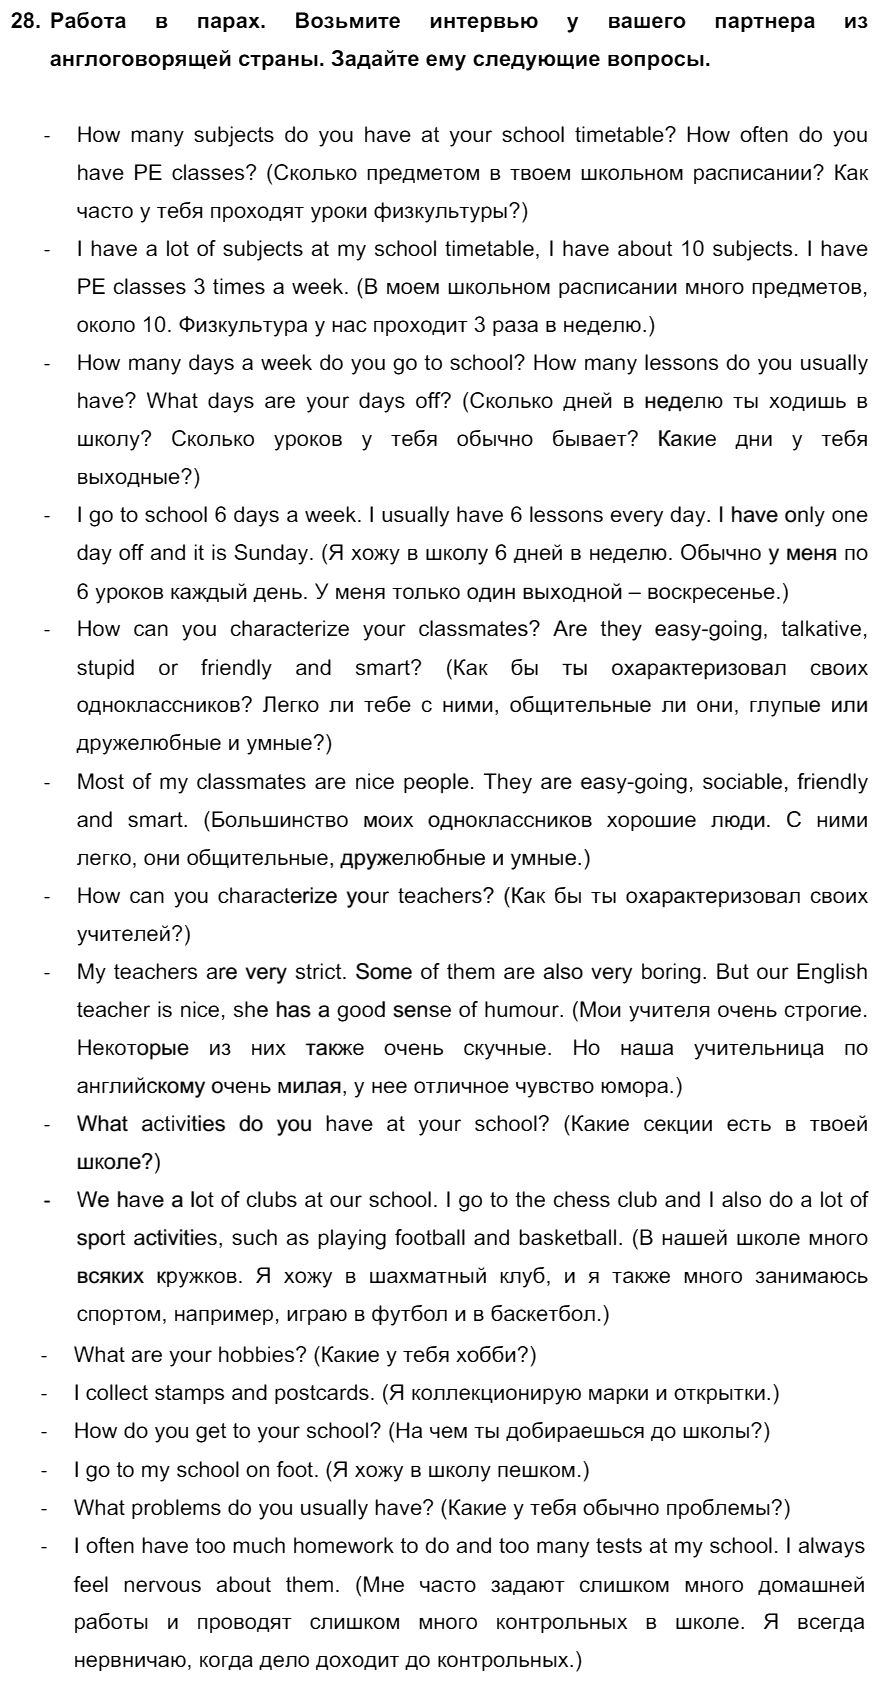 Английский язык 7 класс Биболетова М. З. Unit 3. Взгляните на проблемы подростков: школьное образование / Разделы 1-9: 28